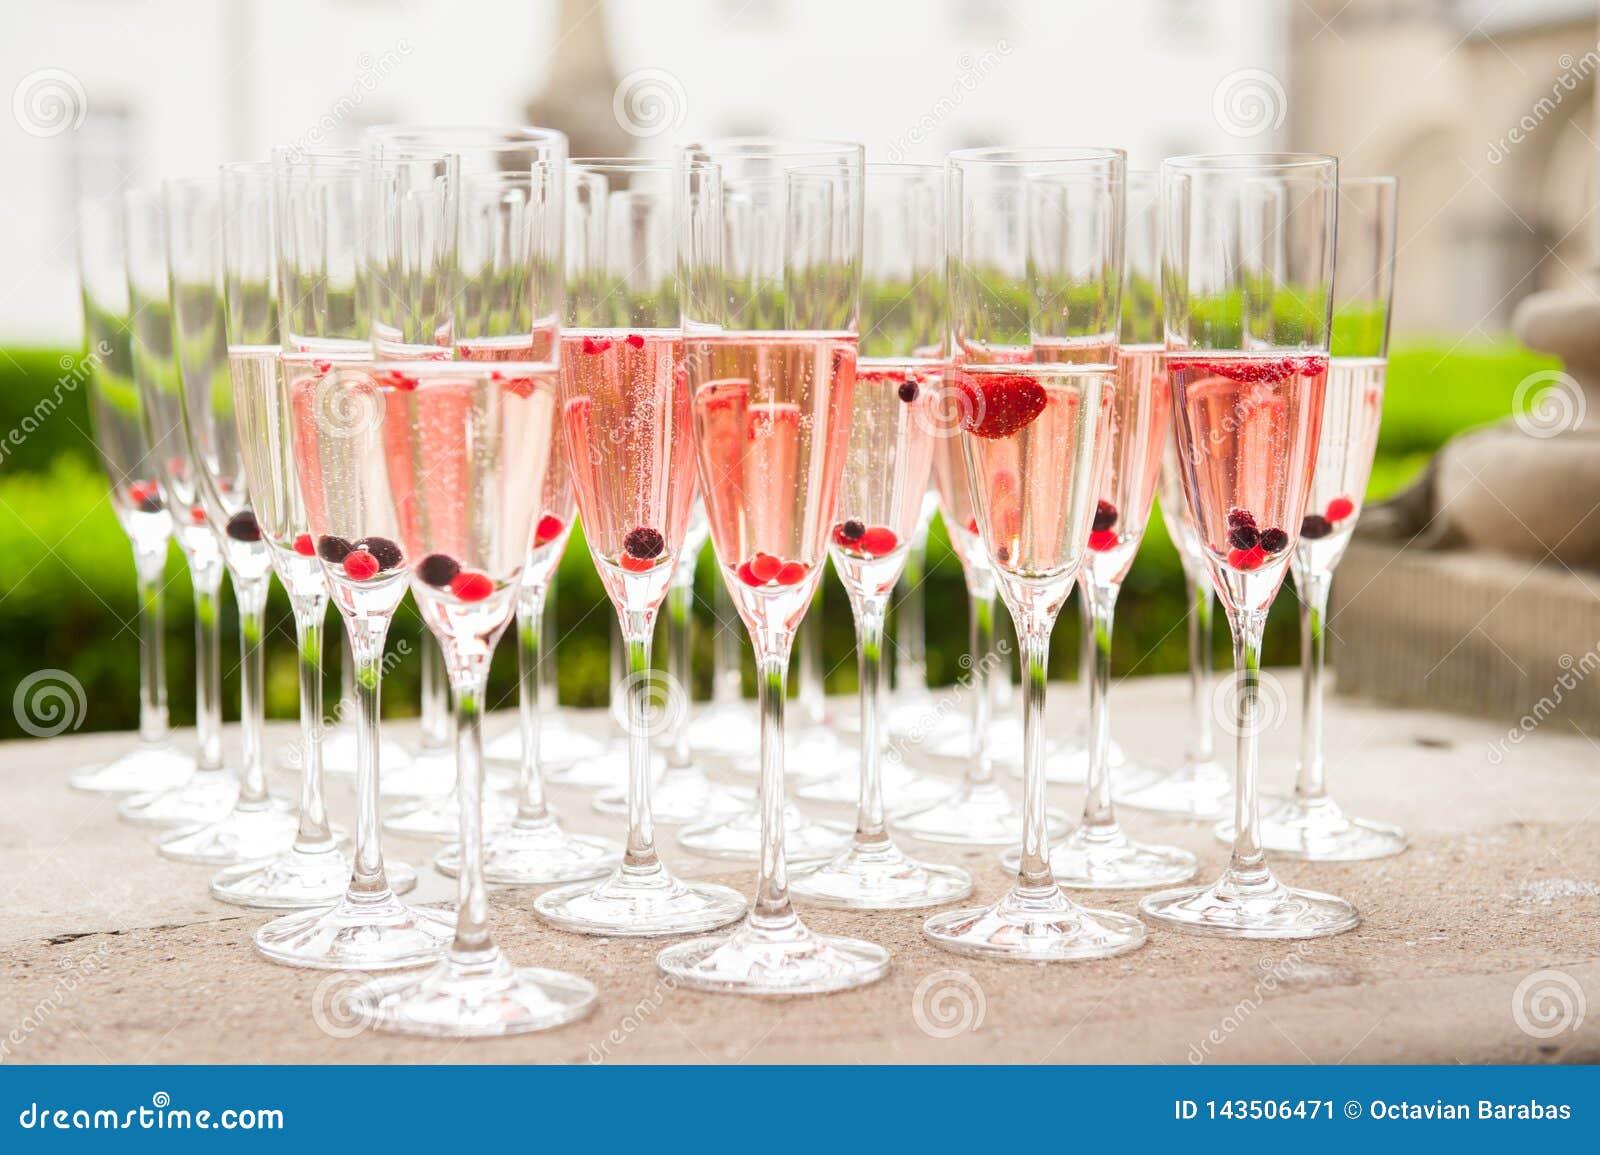 Rijen van wijnglases met wijn en vruchten